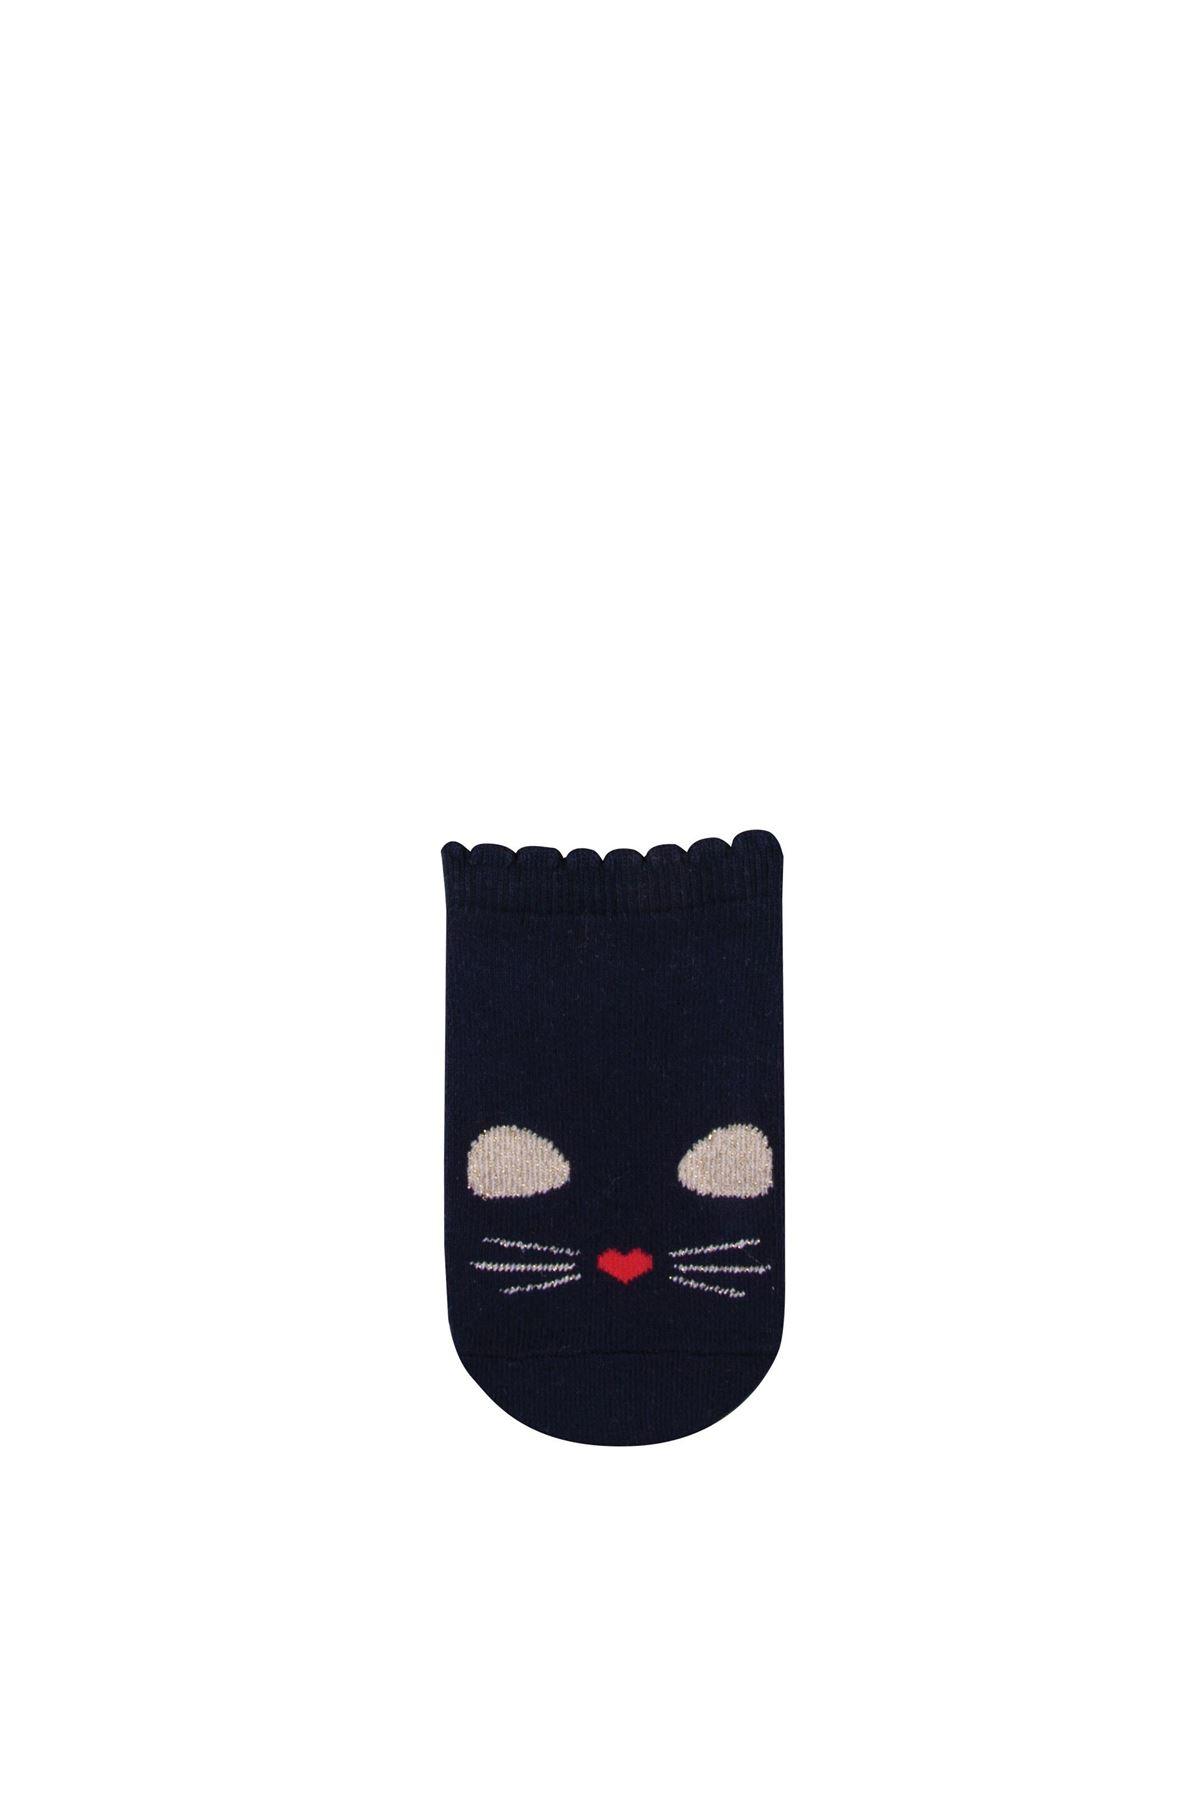 Step Simli Cat Patik Soket Çorap 3841 Karışık Renkli